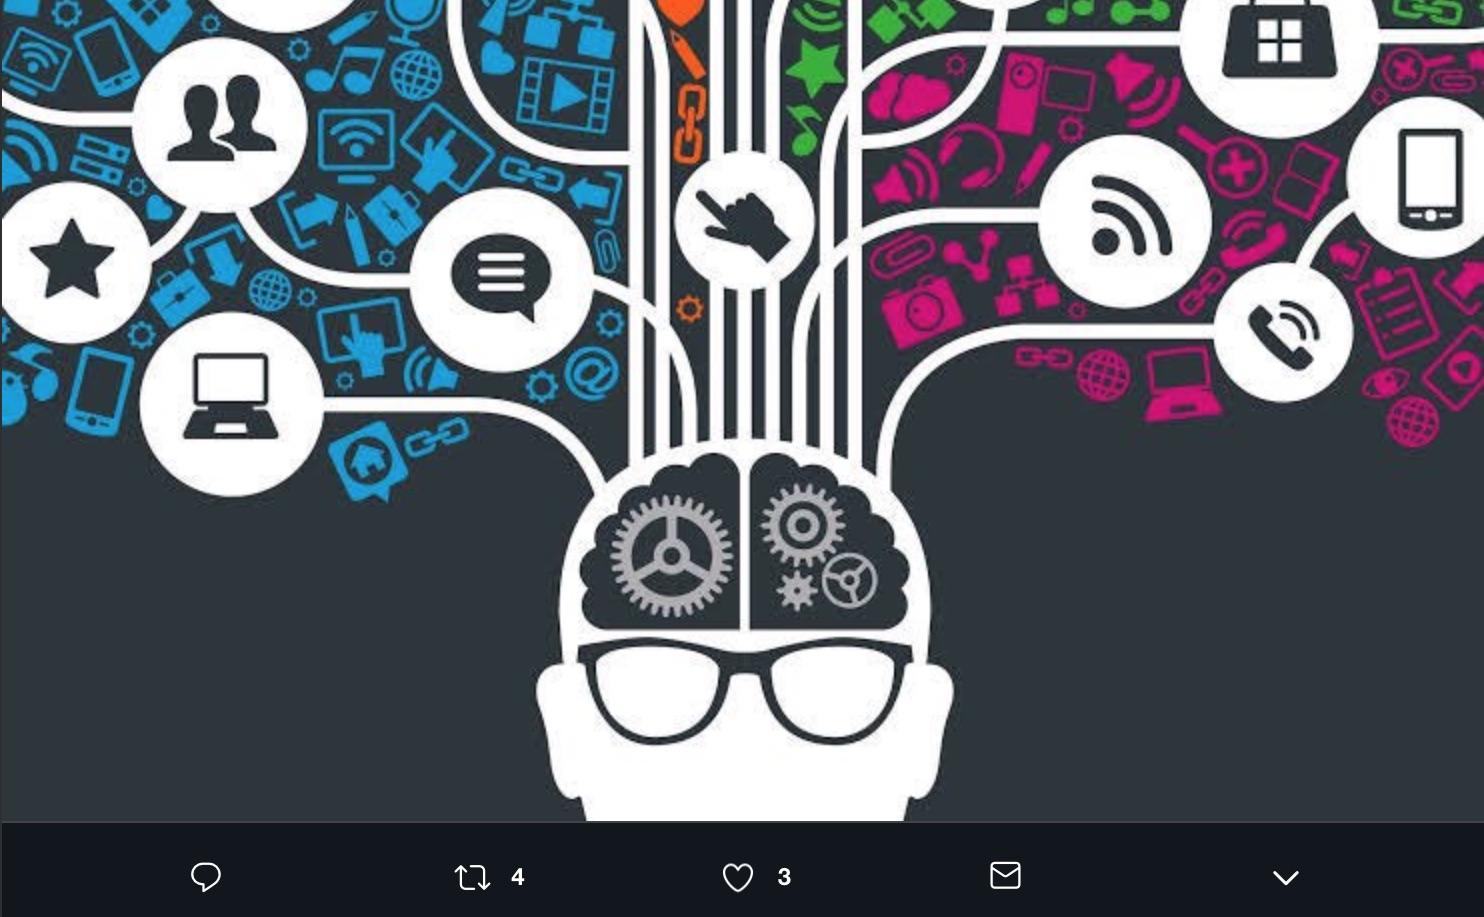 ¿Cómo percibe el cerebro un logotipo y cómo reacciona éste ante los estímulos y elementos que se le presentan dentro de la ilustración?